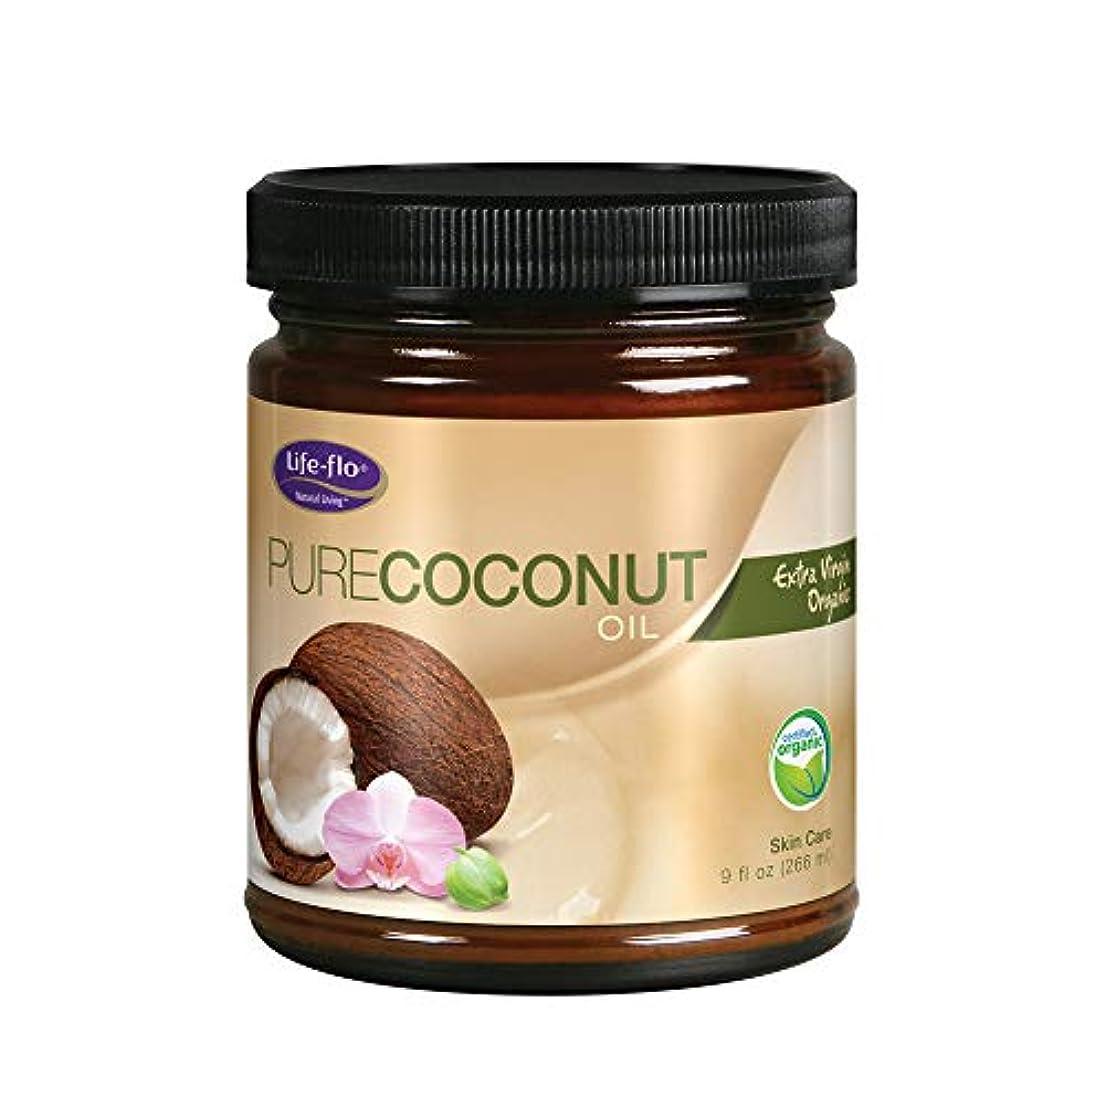 黙敗北鋼海外直送品Life-Flo Pure Coconut Oil Organic Extra Virgin, 9 oz